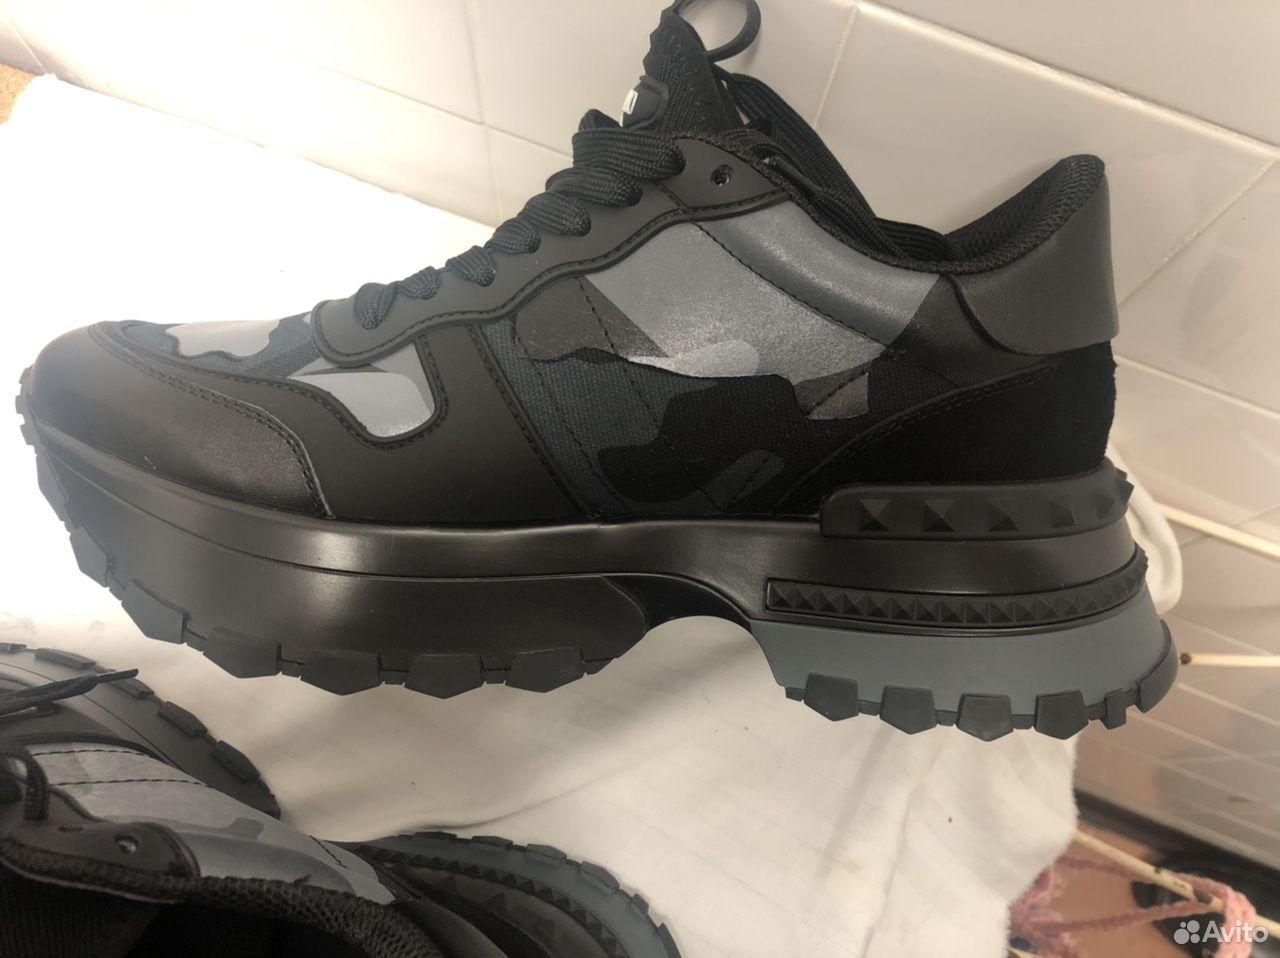 Продам кожаные кроссовки,купили не подошол размер  89187703894 купить 3